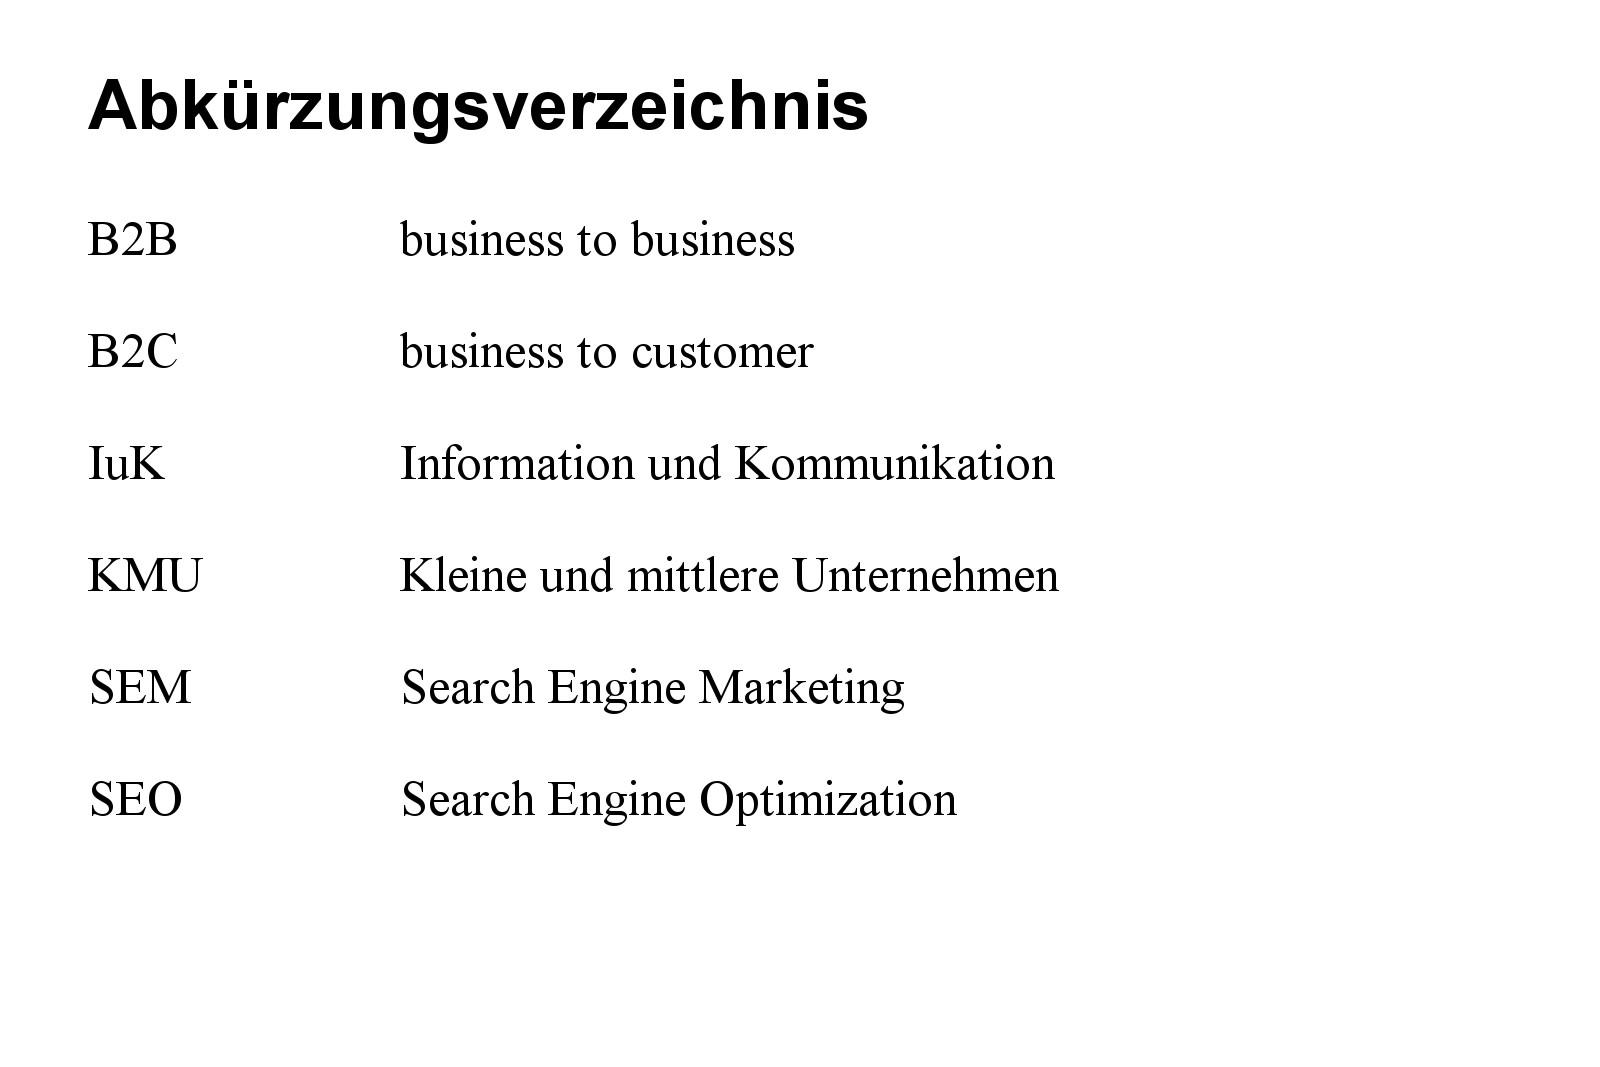 7 Bachelorarbeit Marketing Beispiele - Abschlussarbeiten